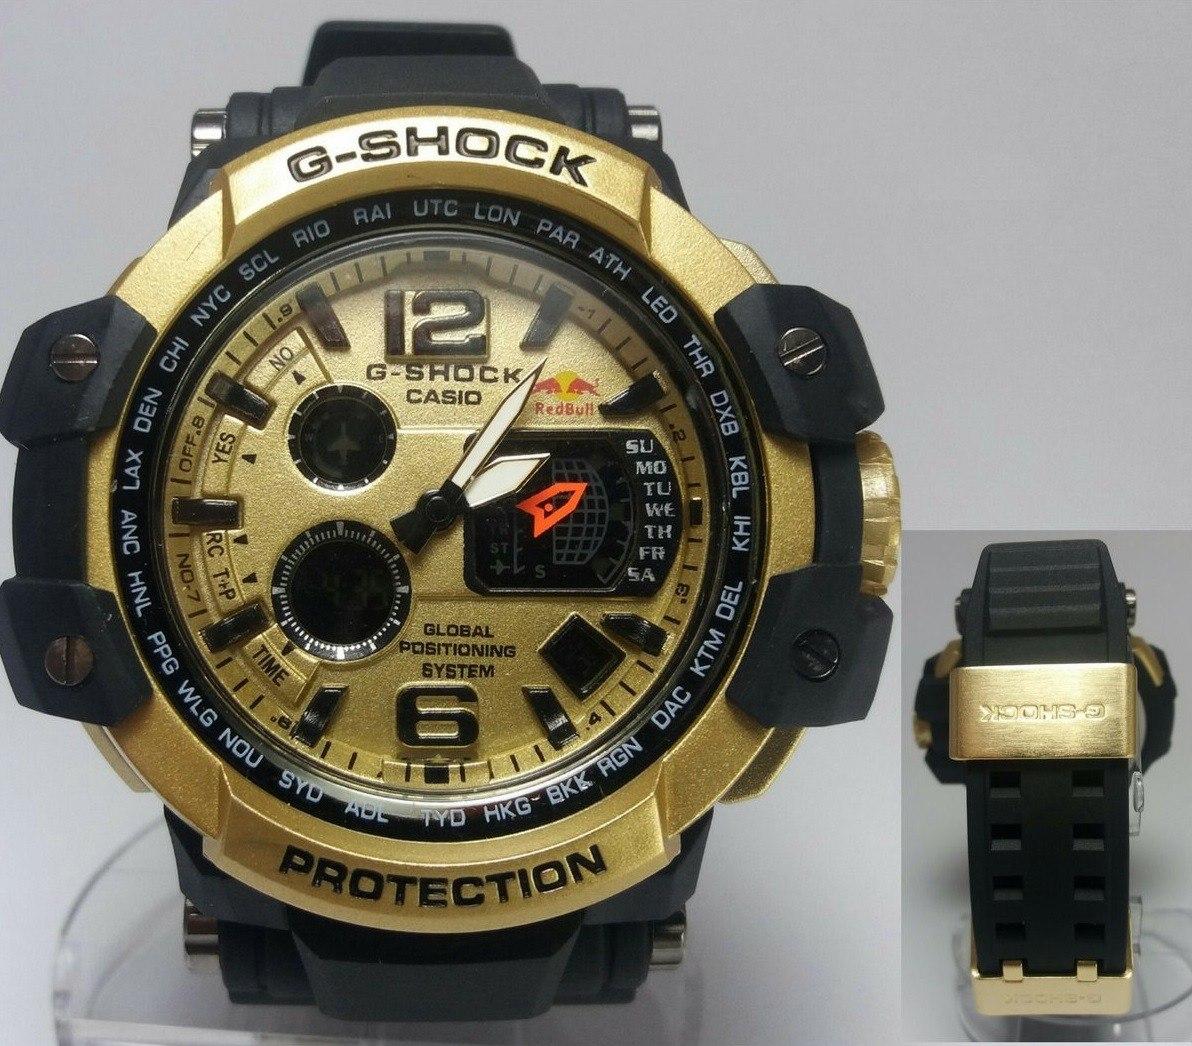 94de419281a relógio g-shock redbull dourado e preto. Carregando zoom.